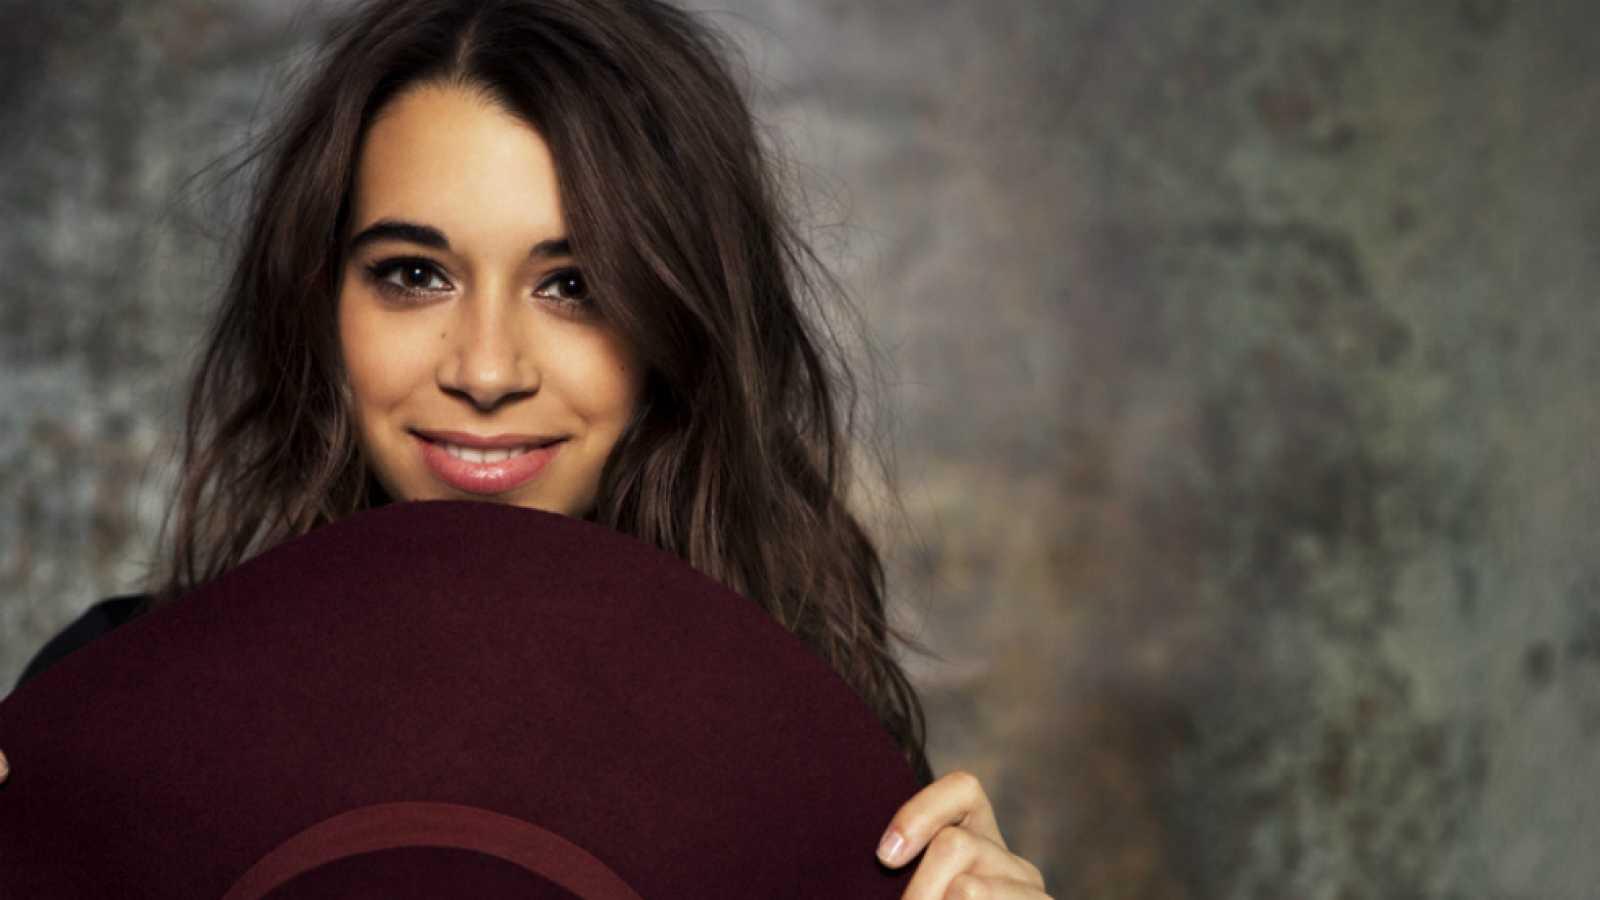 Objetivo Eurovisión - 'Lo que nunca fue', de Paula Rojo